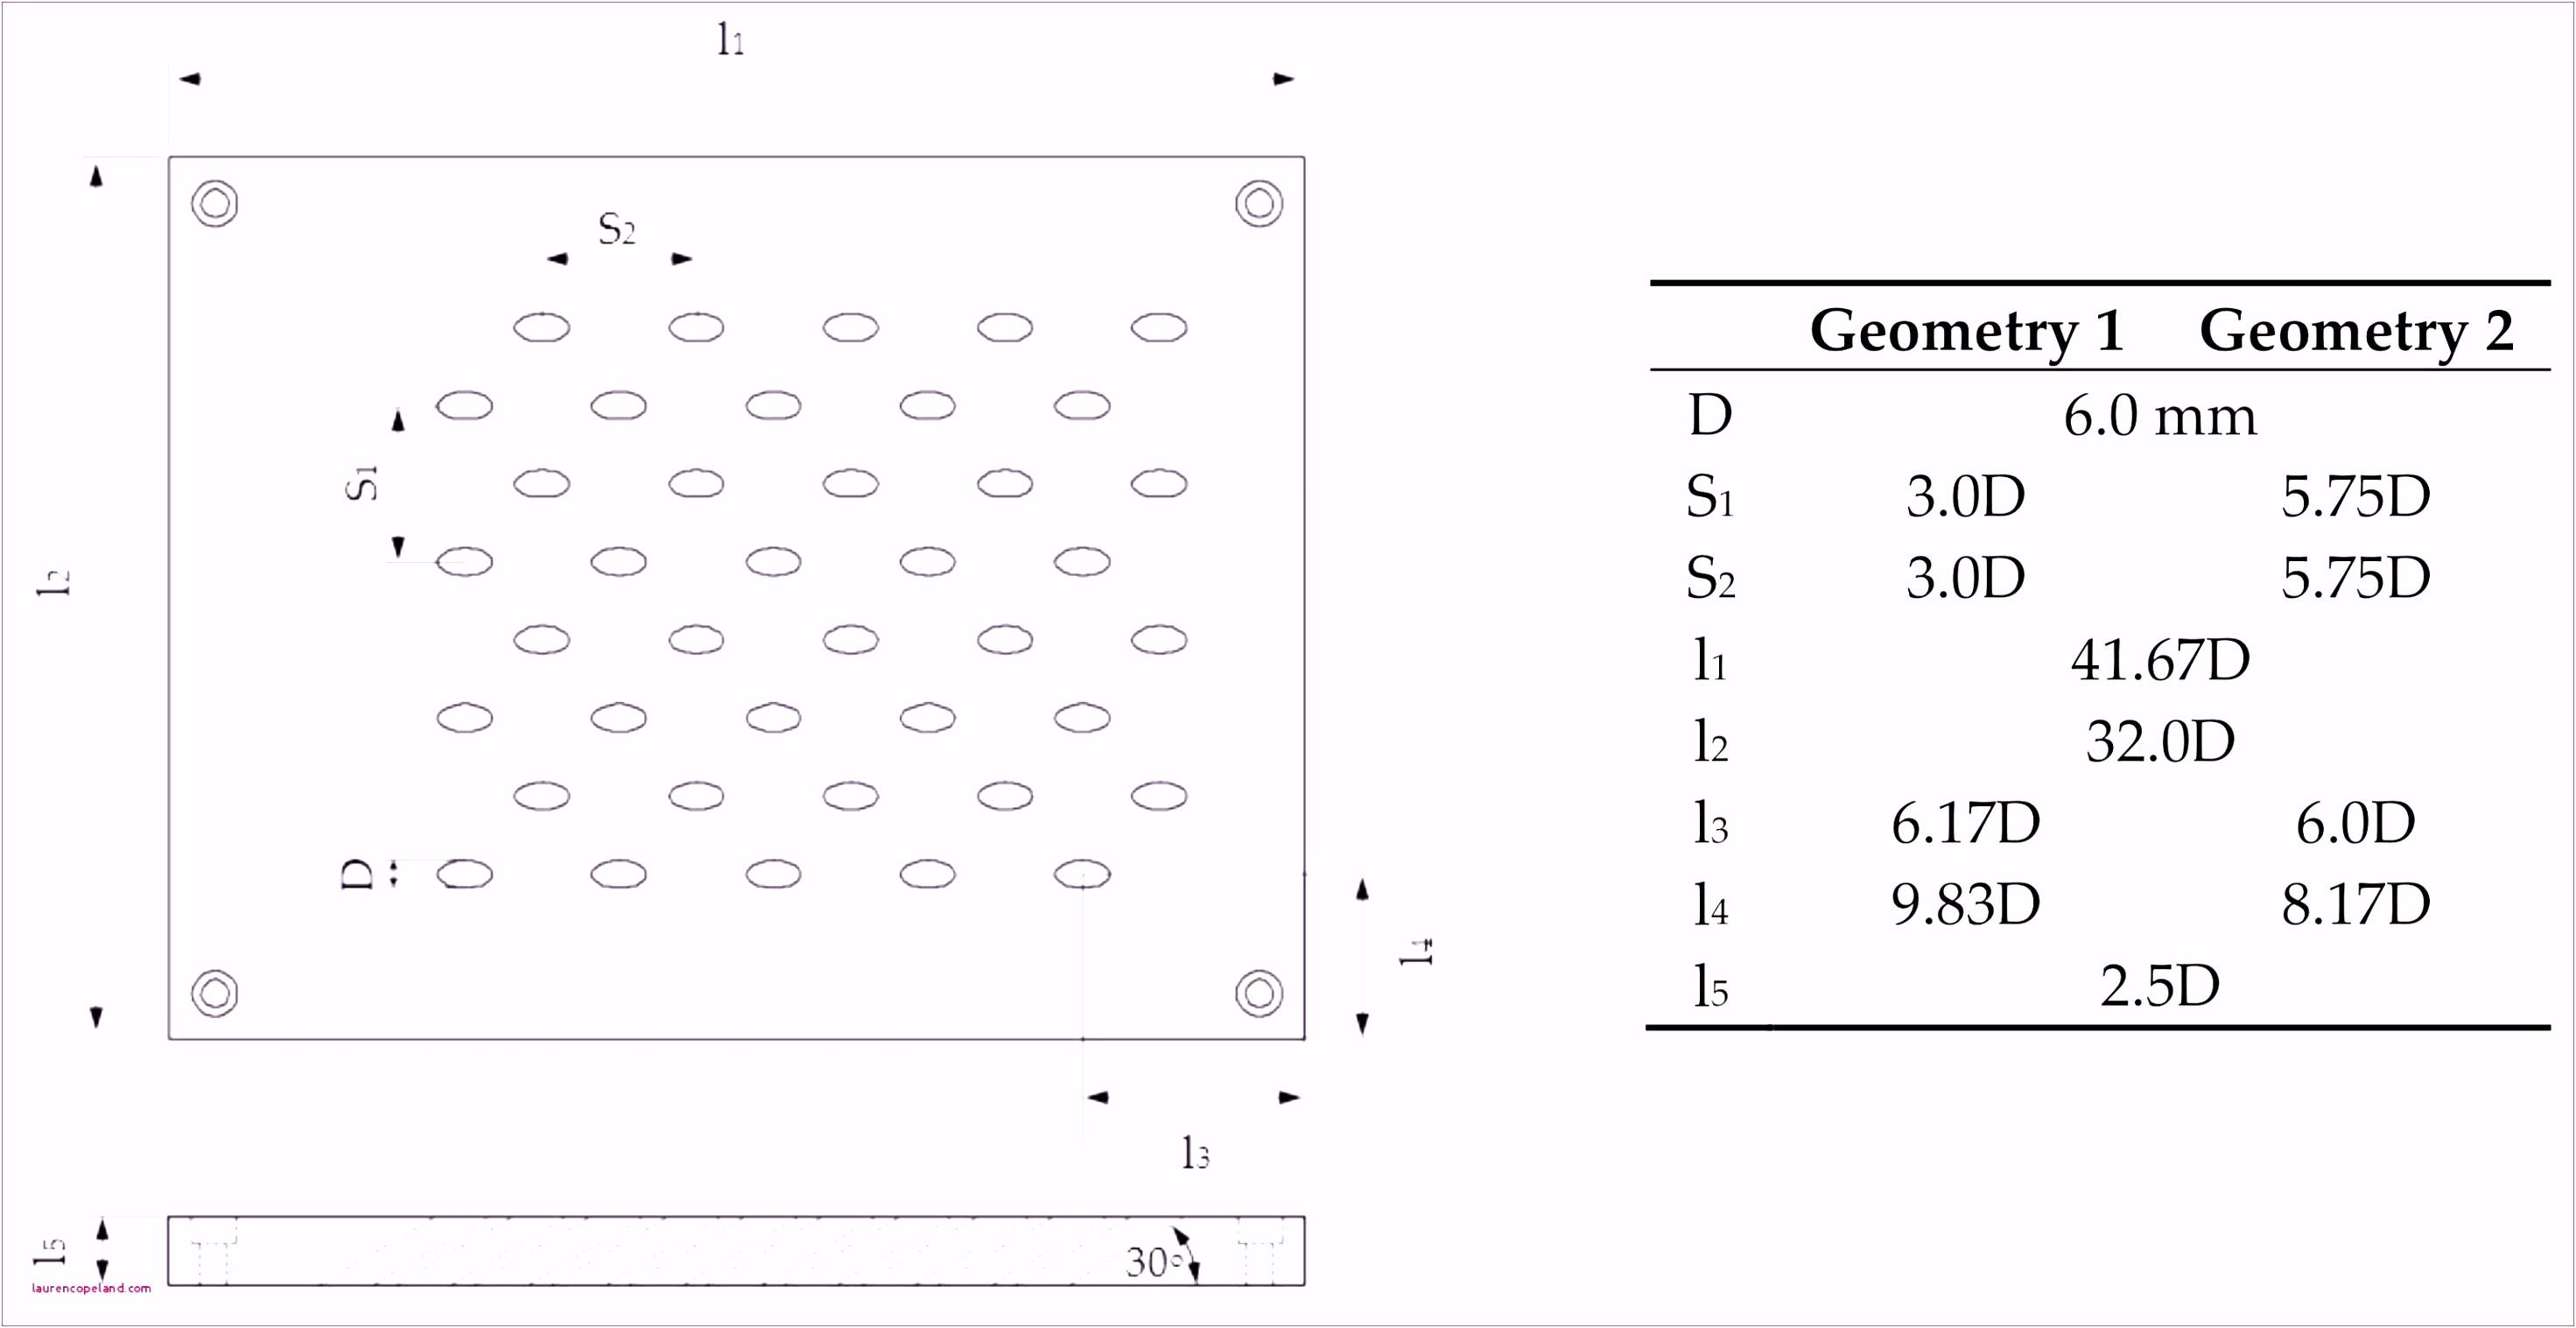 Vds 3473 Vorlagen 10 Outlook Vorlage Erstellen Uaqmiu T6ro91wve9 T6js2uwuhh